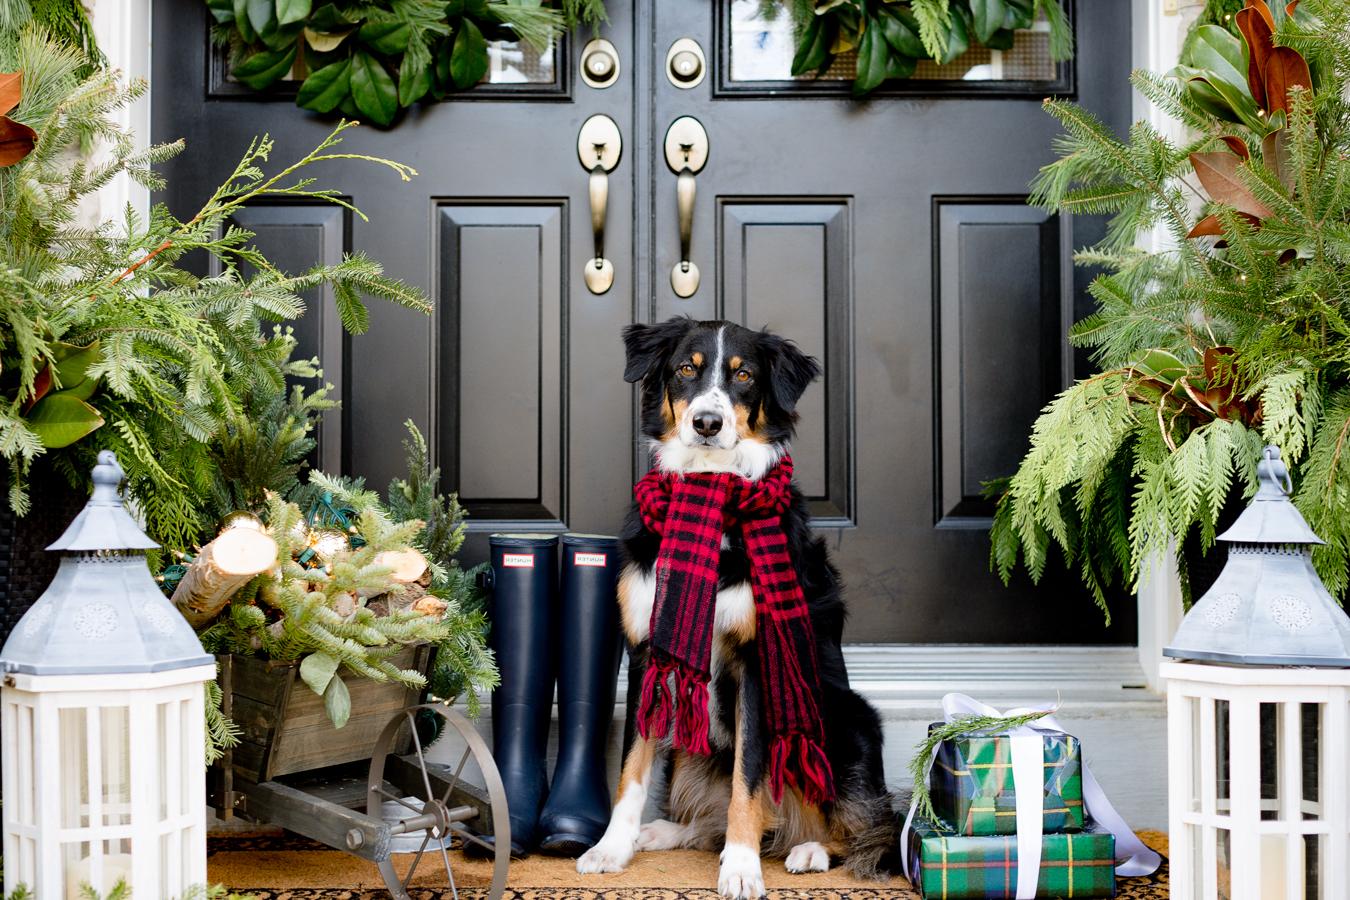 """Sagen Sie """"Herzlich Willkommen in unserem weihnachtlichen Paradies!"""" ohne Wörter - nur mit der richtigen Weihnachtsdeko draußen"""